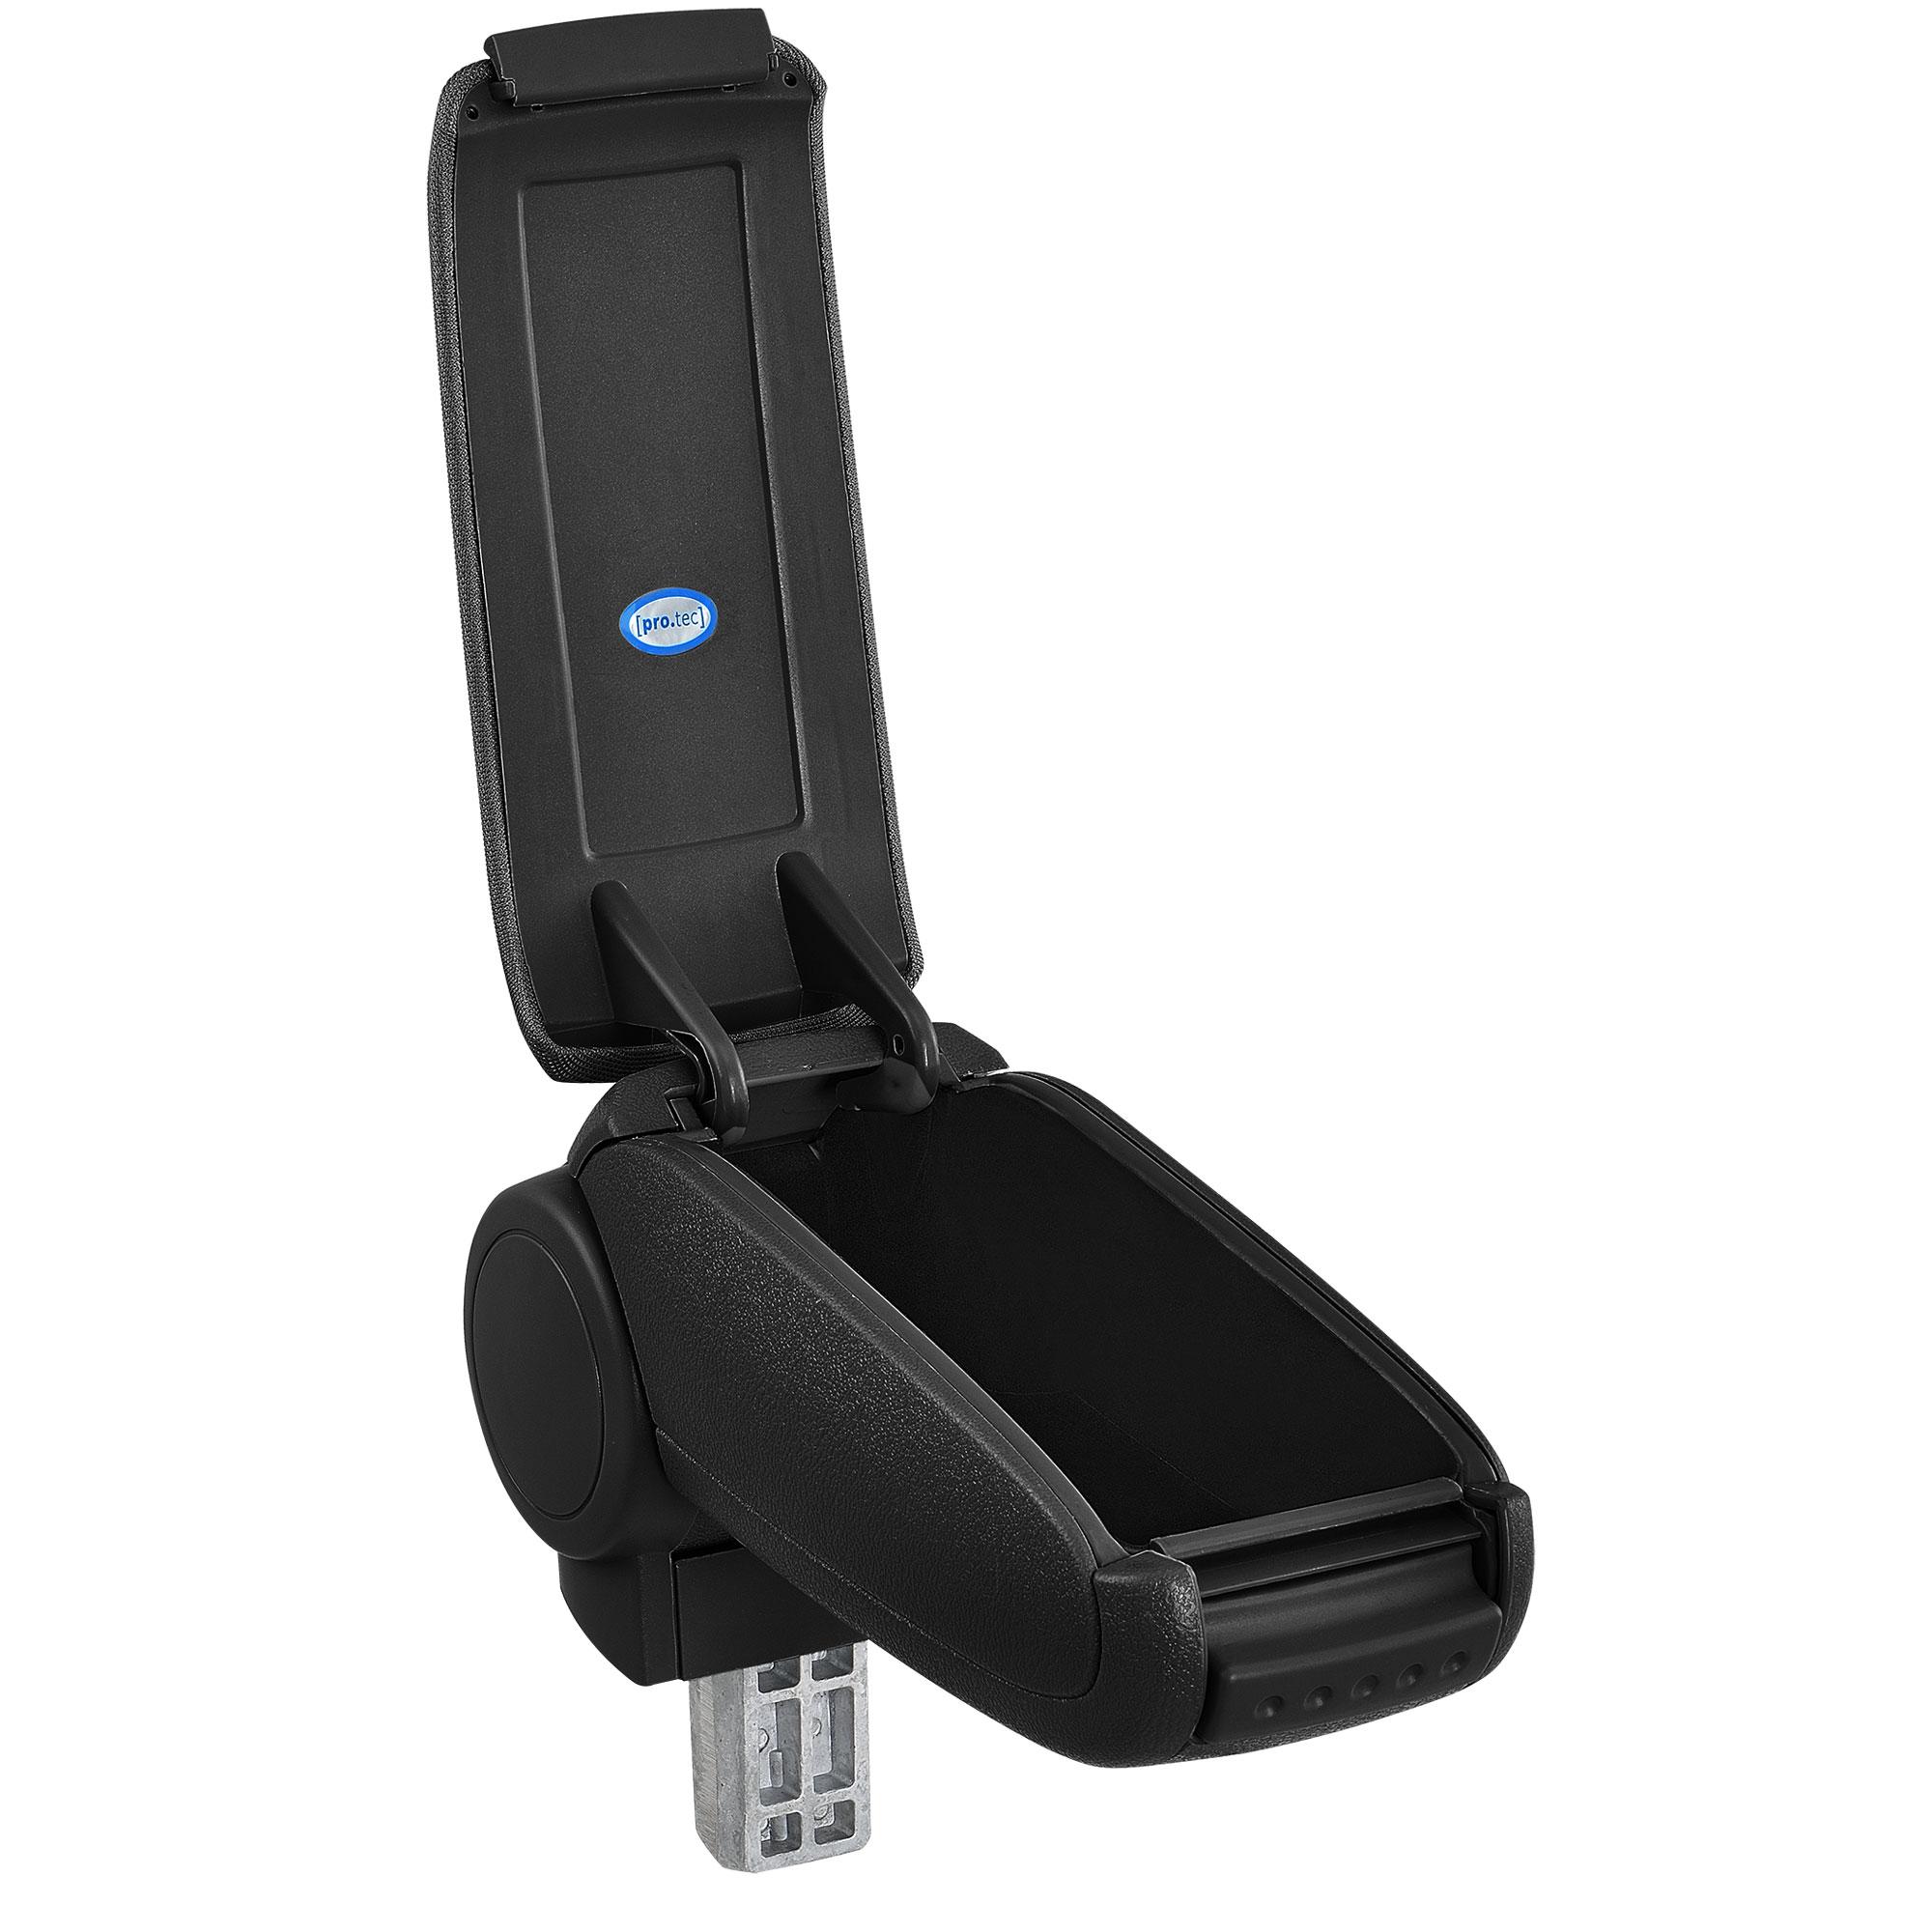 FAUX LEATHER BLACK ARMREST pro.tec ® FIAT 500 CUSTOM-FIT CENTRE ARMREST 2007